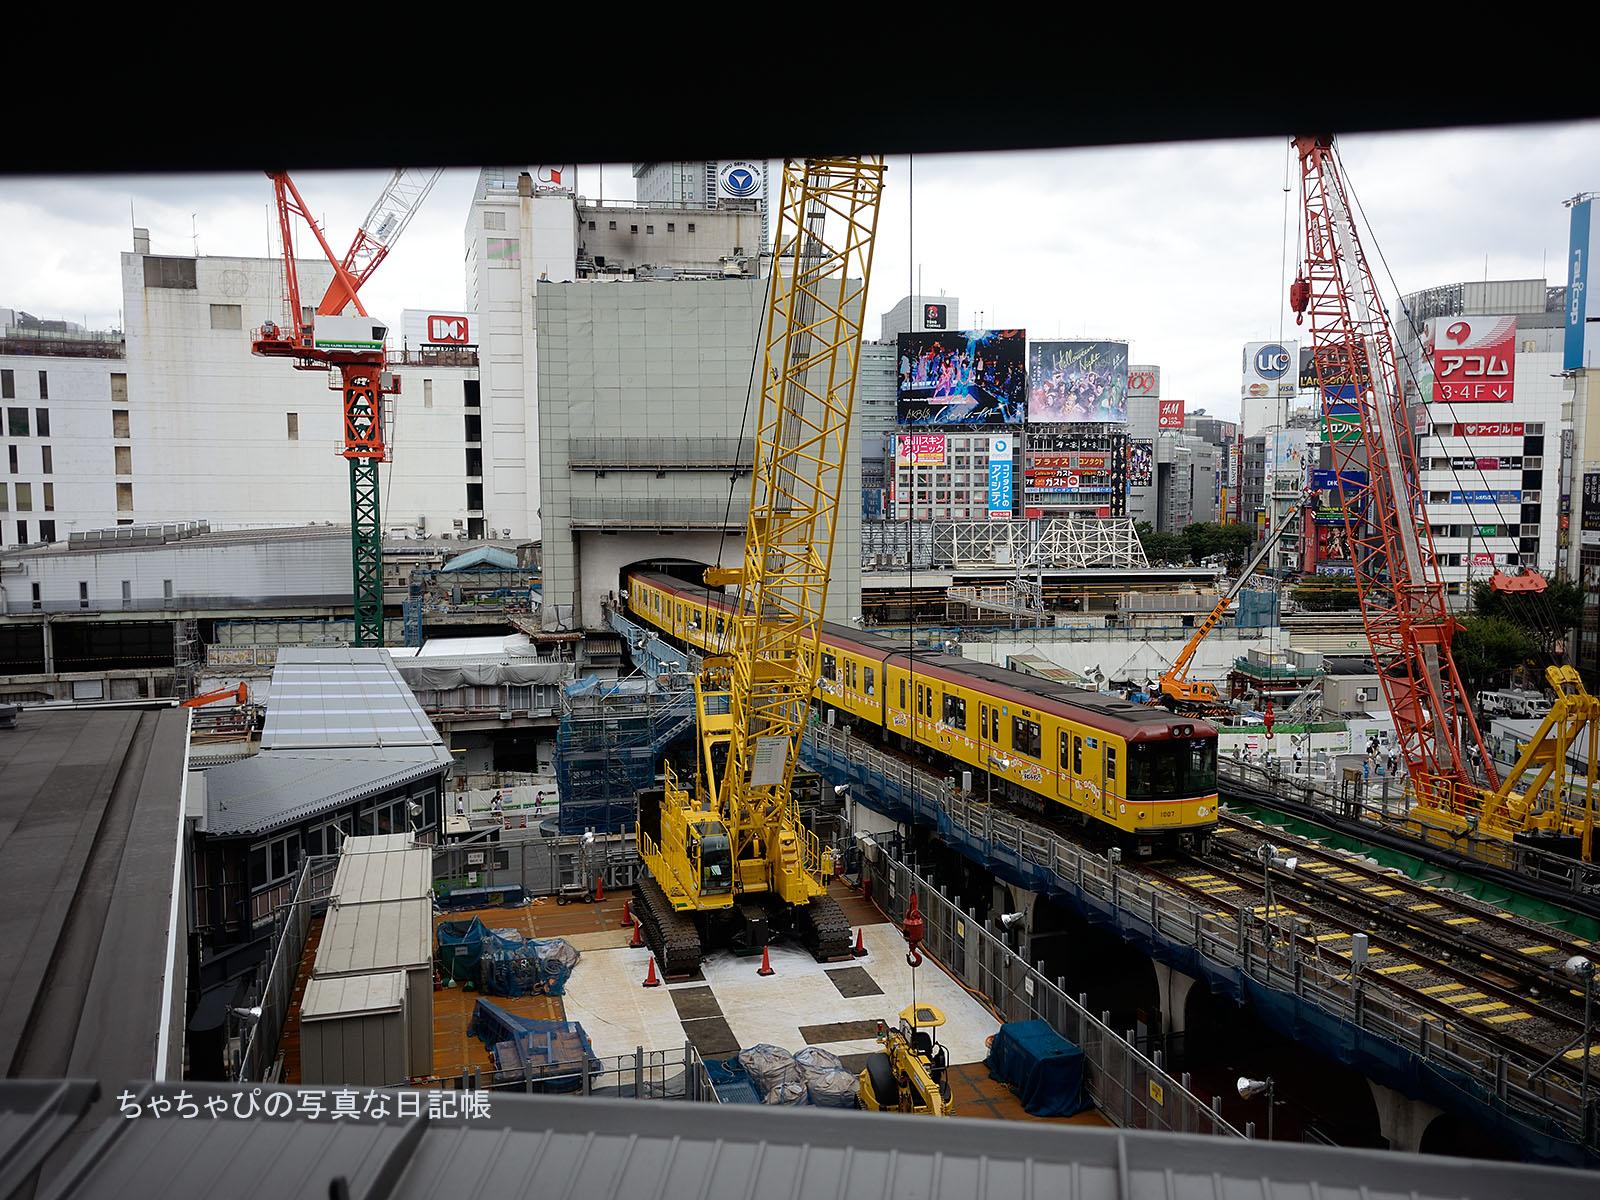 チキンラーメンひよこちゃんラッピング 東京メトロ銀座線 1000系07編成